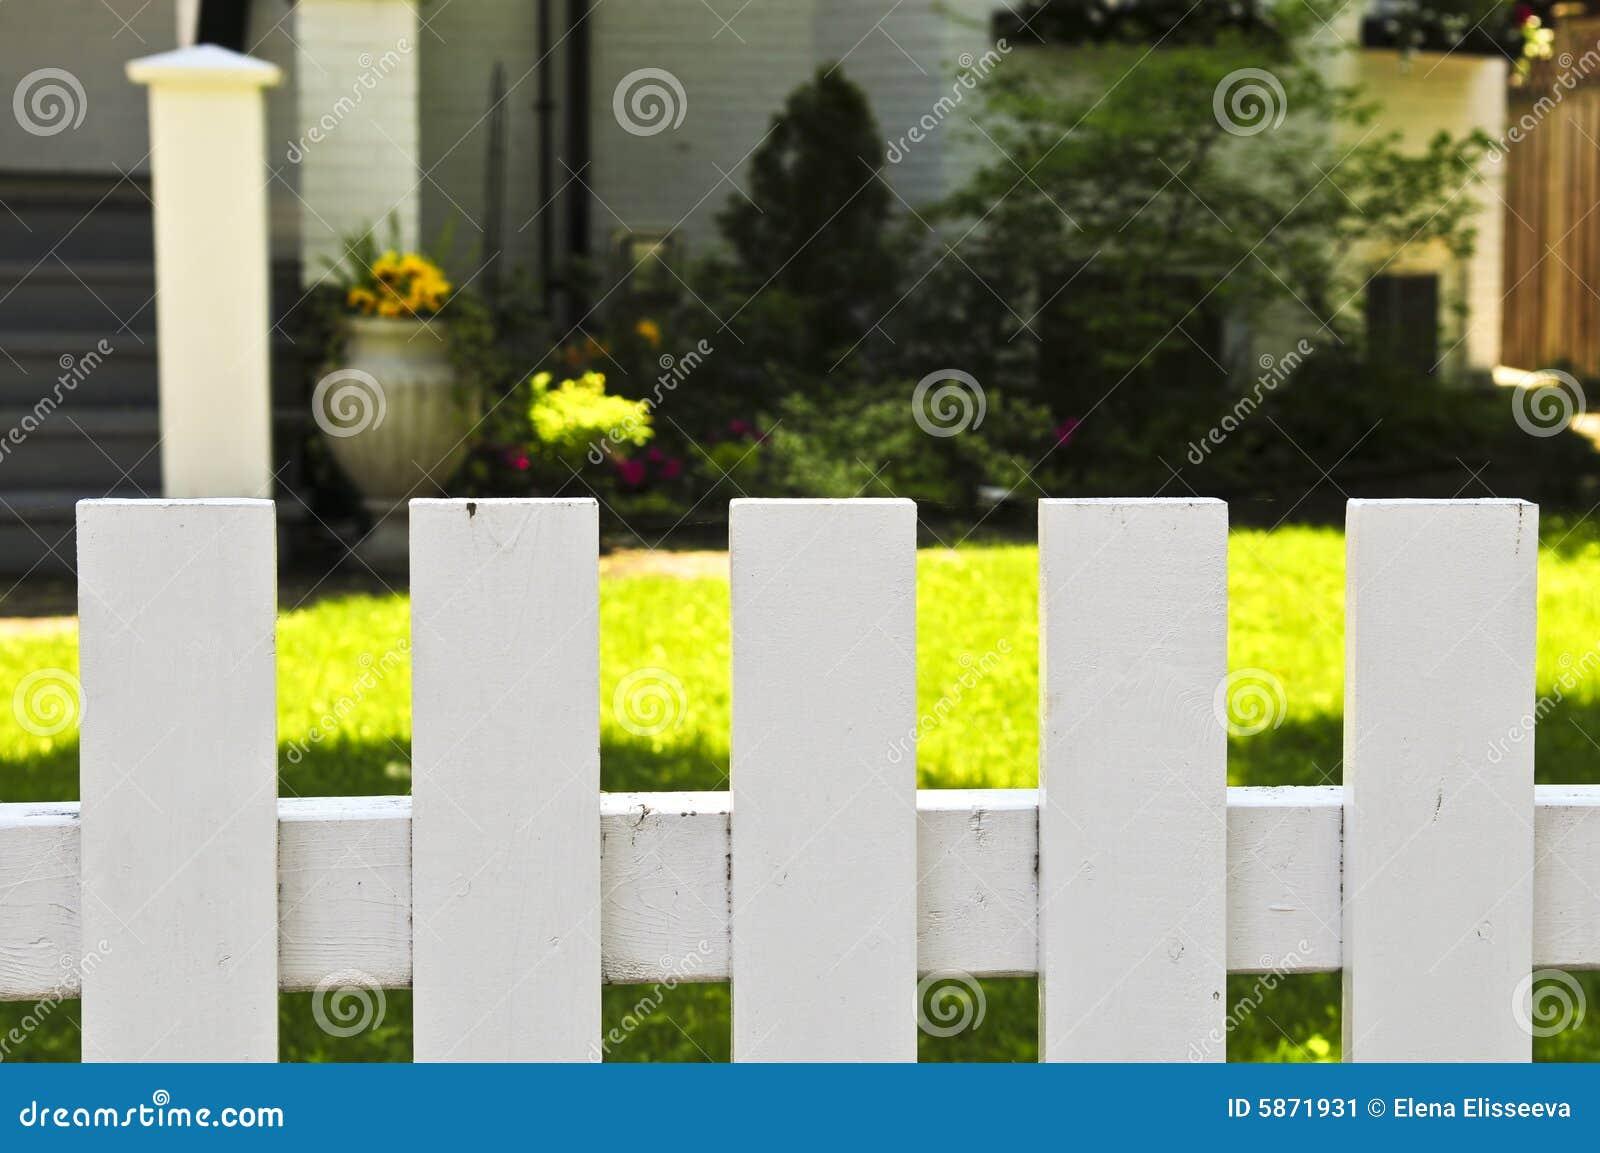 vorgarten mit weißem zaun stockbild. bild von gemalt, nachbarschaft